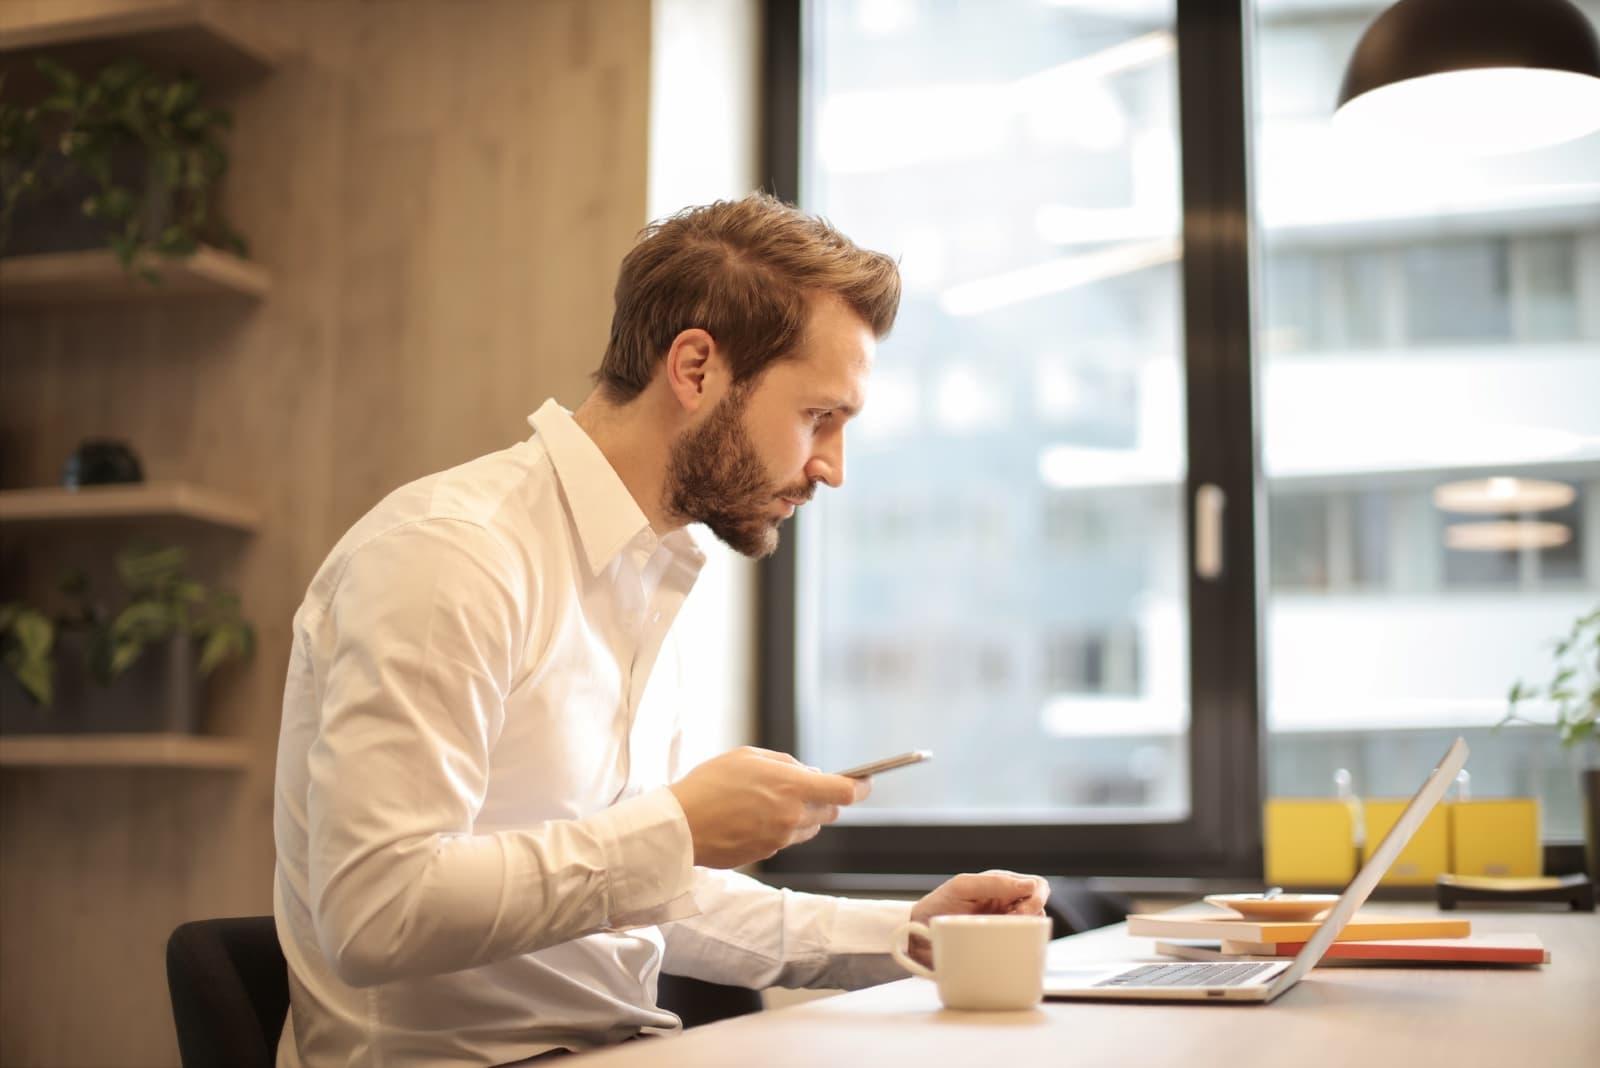 man in white shirt looking at laptop